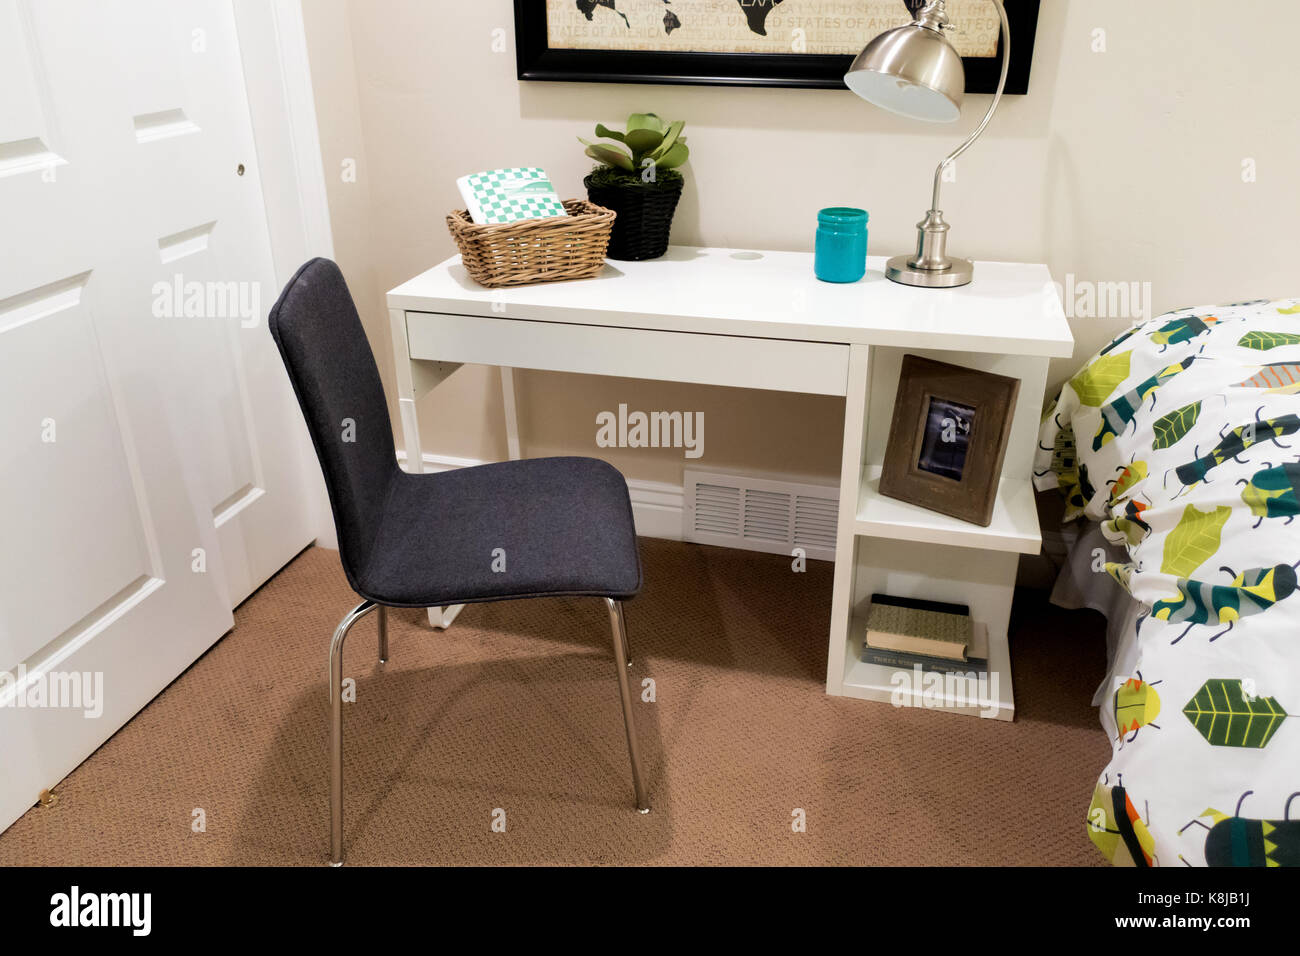 Einen kleinen Schreibtisch mit Lampe und Stuhl in einem Schlafzimmer ...